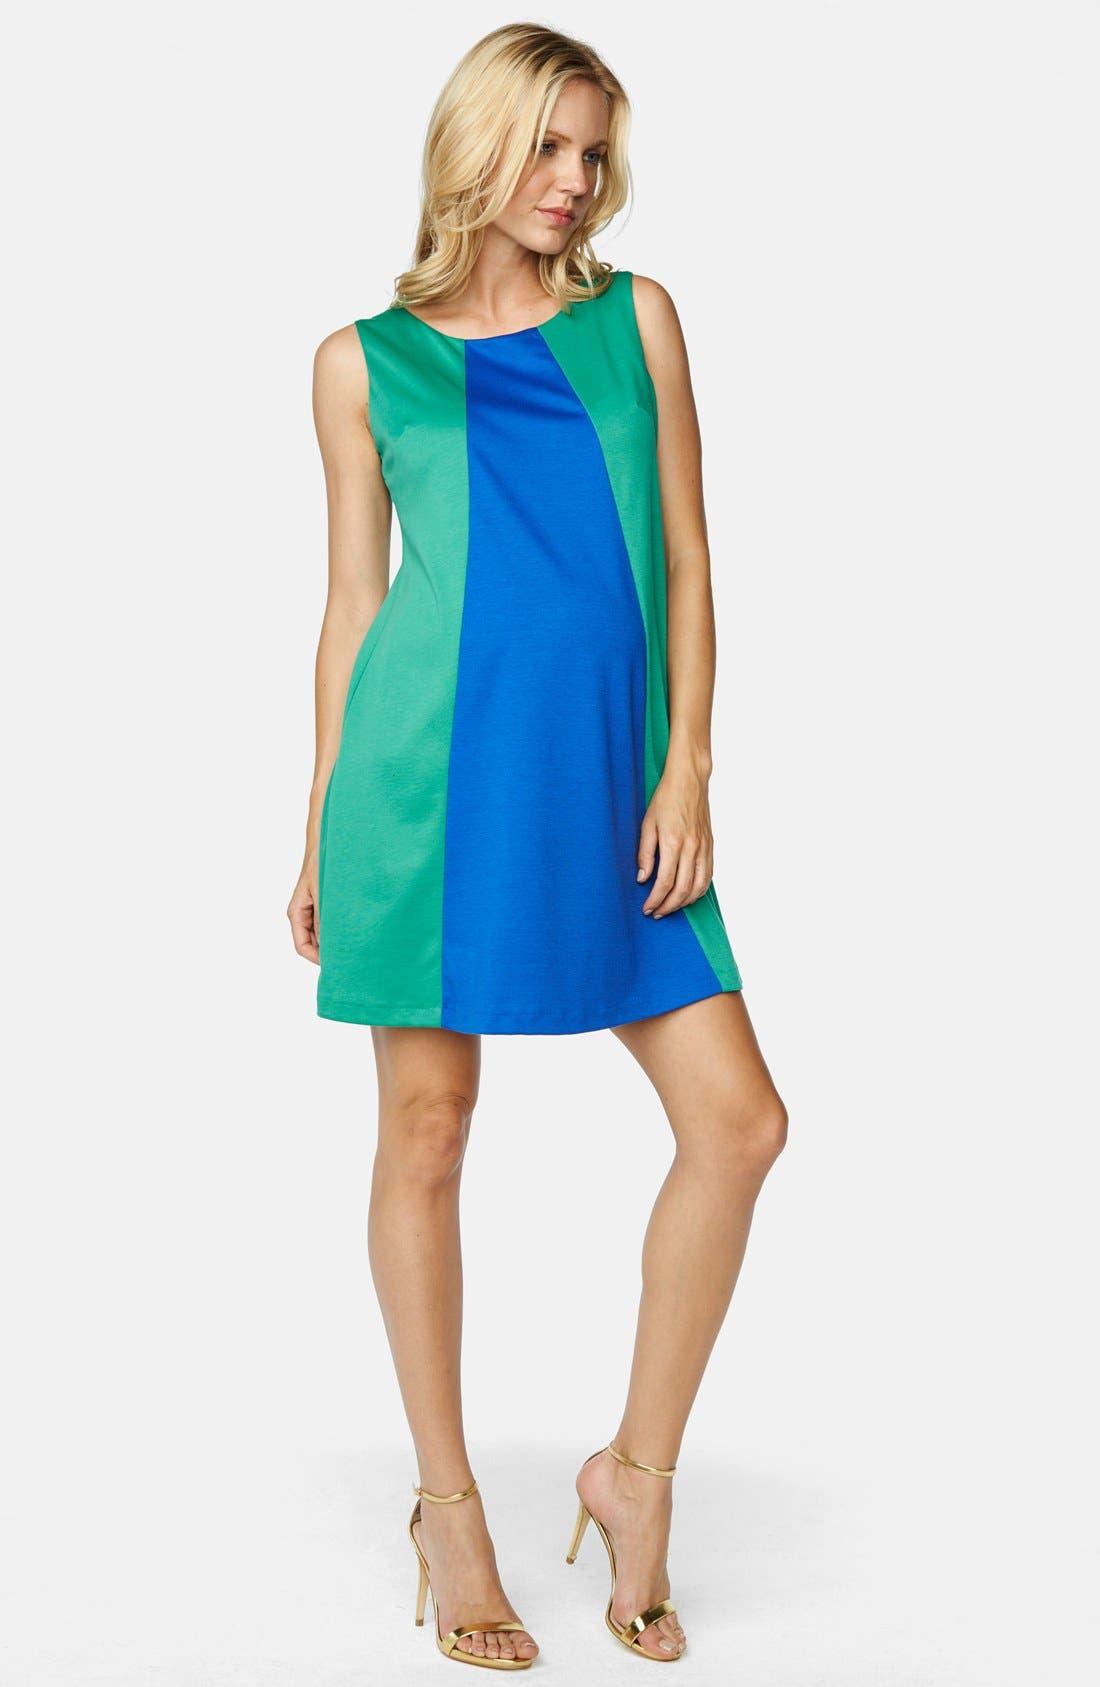 'Pyramid' Maternity Dress,                             Main thumbnail 1, color,                             Emerald/ Royal Blue